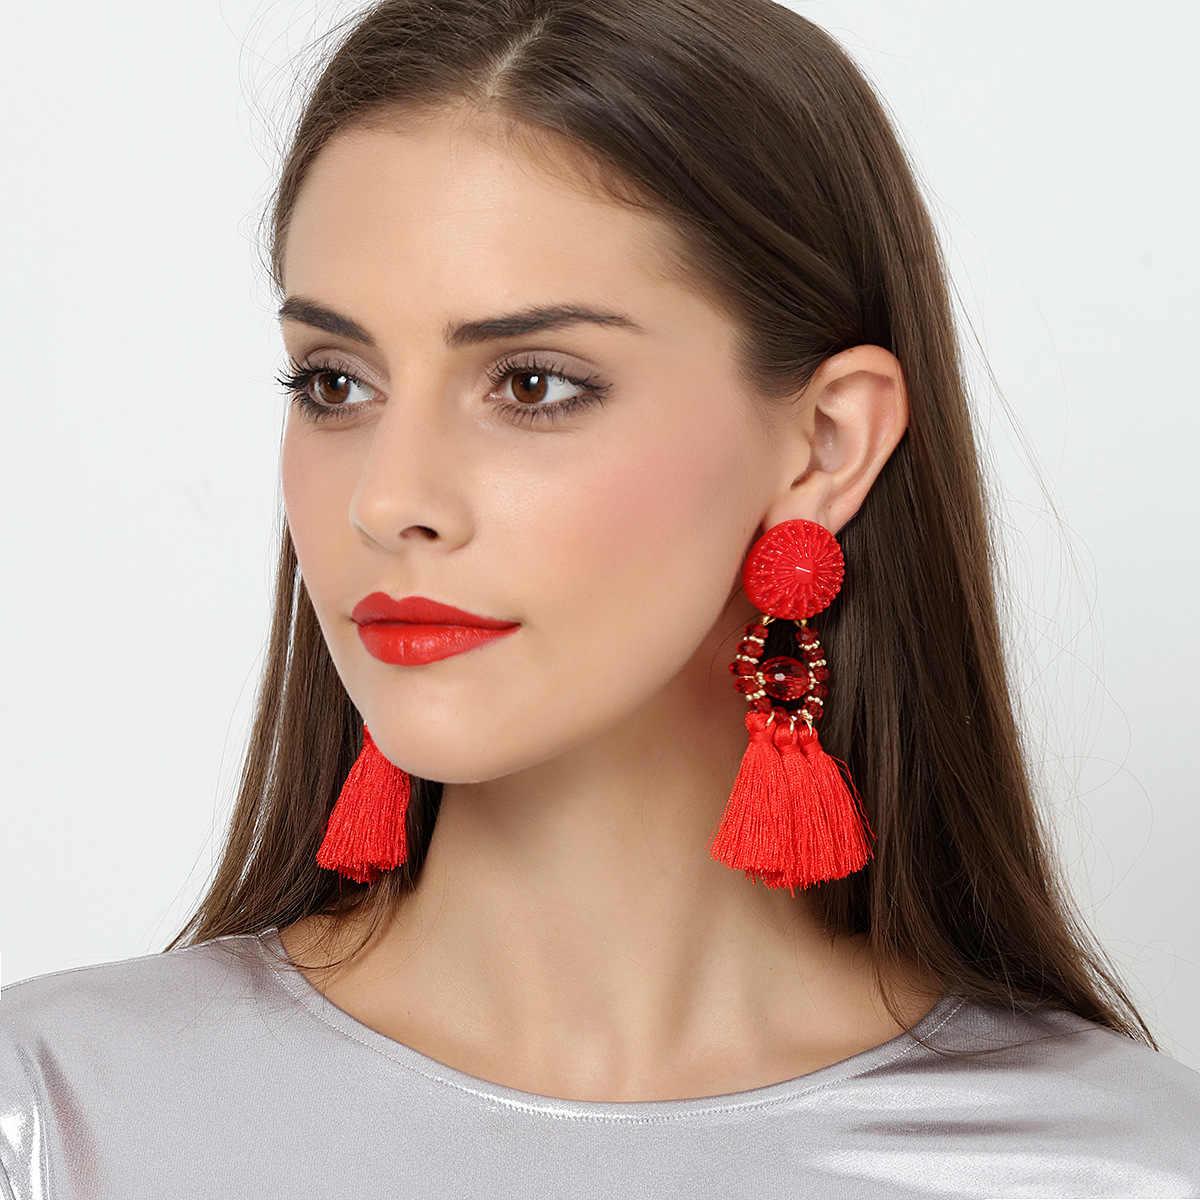 REI HOON Brincos Mulheres Marca Declaração étnico Borla Franja Boho Gota Dangle Brinco Do Vintage brincos moda jóias Encantos